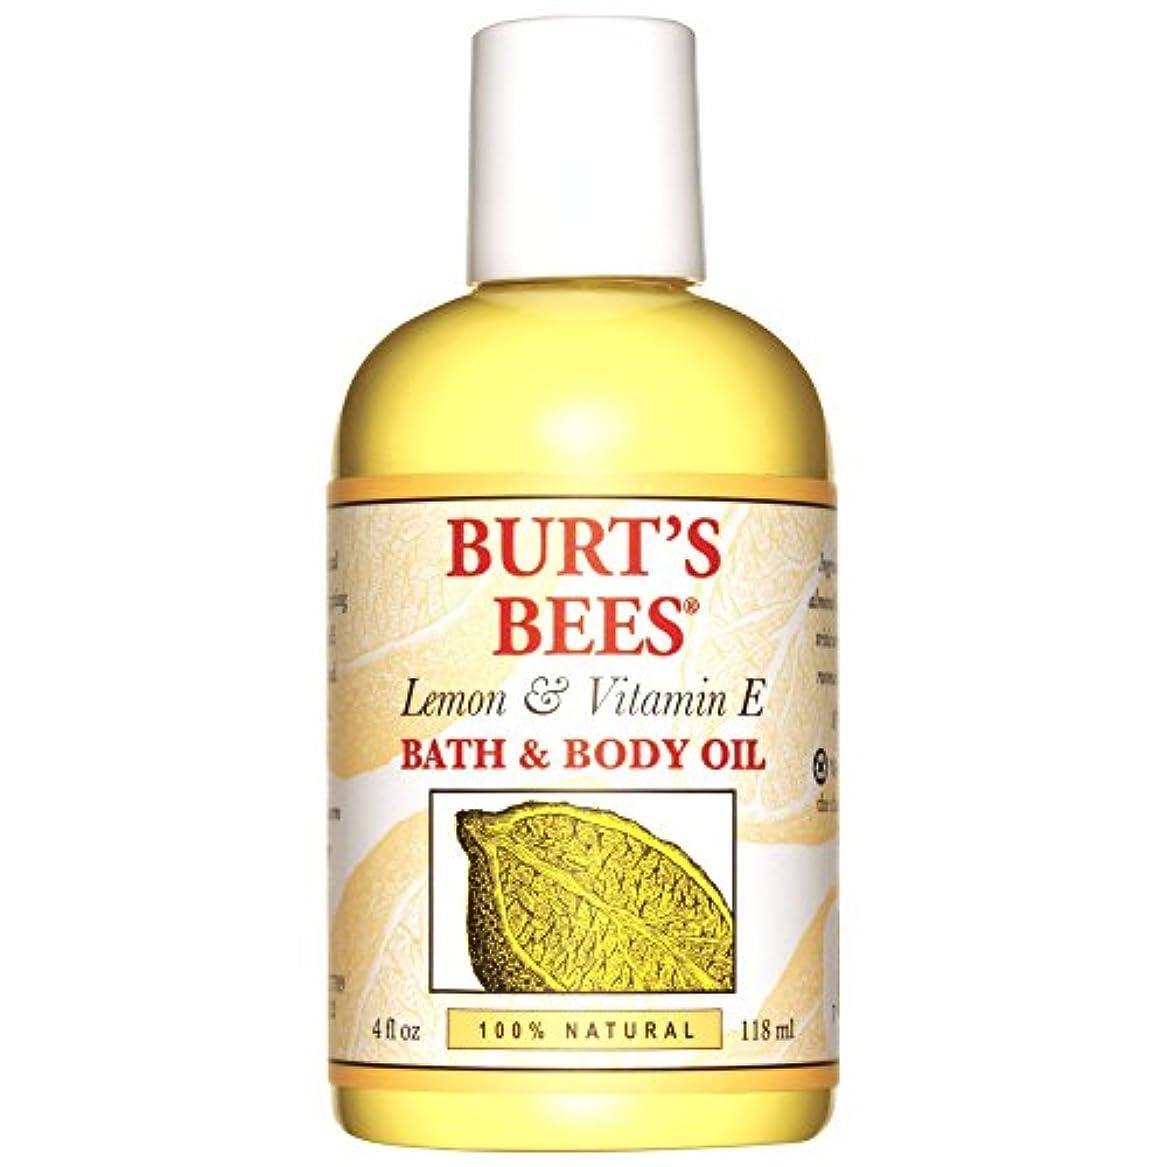 請求可能匿名早くバーツビーレモンとビタミンEバス、ボディオイル118ミリリットル (Burt's Bees) - Burt's Bees Lemon and Vitamin E Bath and Body Oil 118ml [並行輸入品]